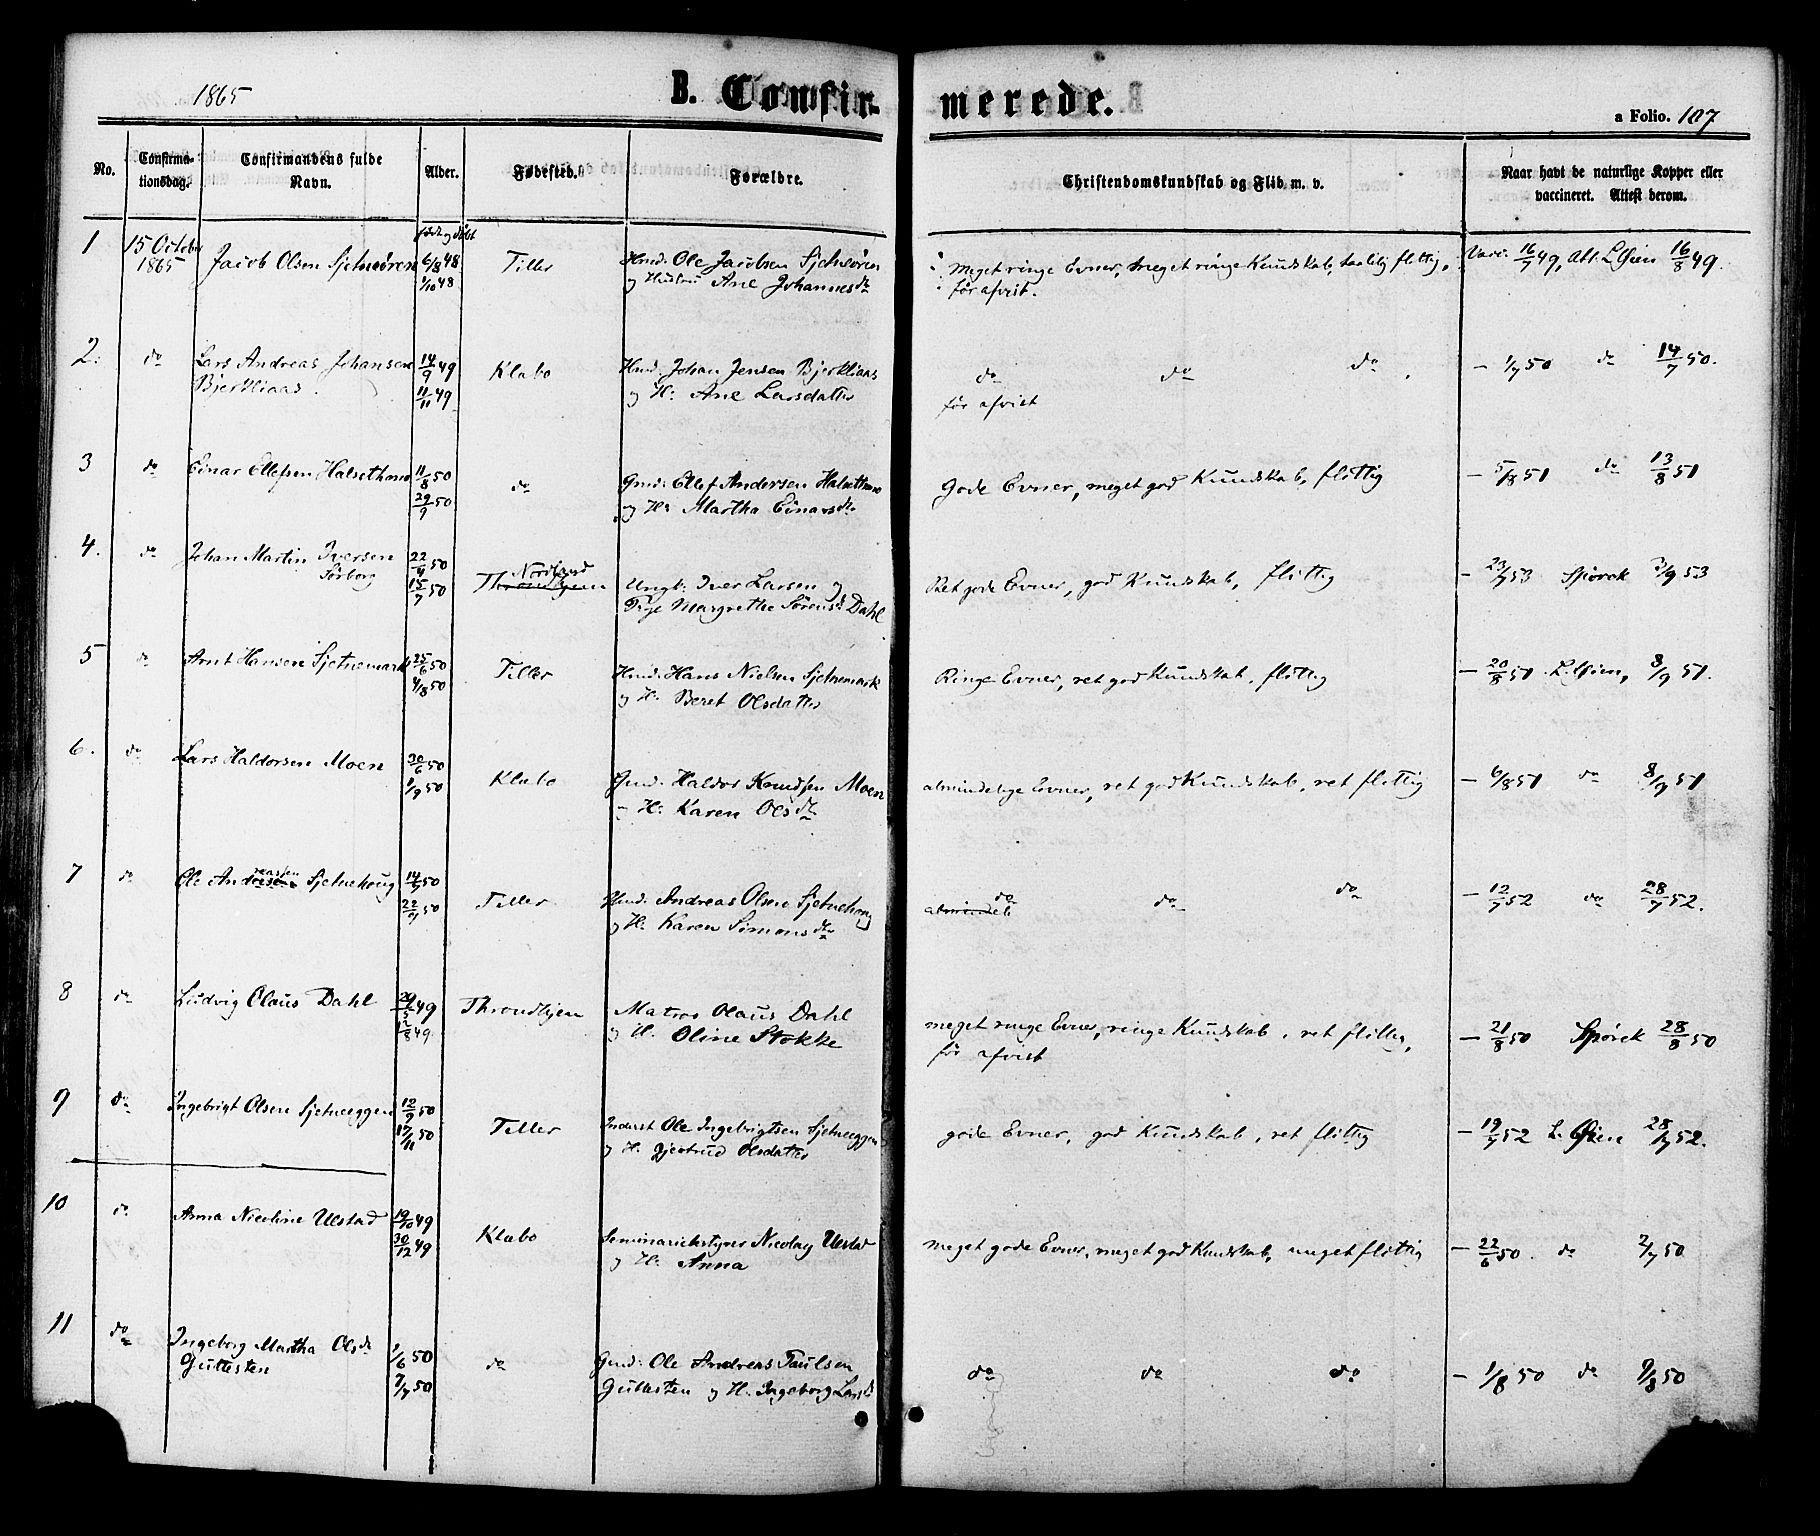 SAT, Ministerialprotokoller, klokkerbøker og fødselsregistre - Sør-Trøndelag, 618/L0442: Ministerialbok nr. 618A06 /1, 1863-1879, s. 107